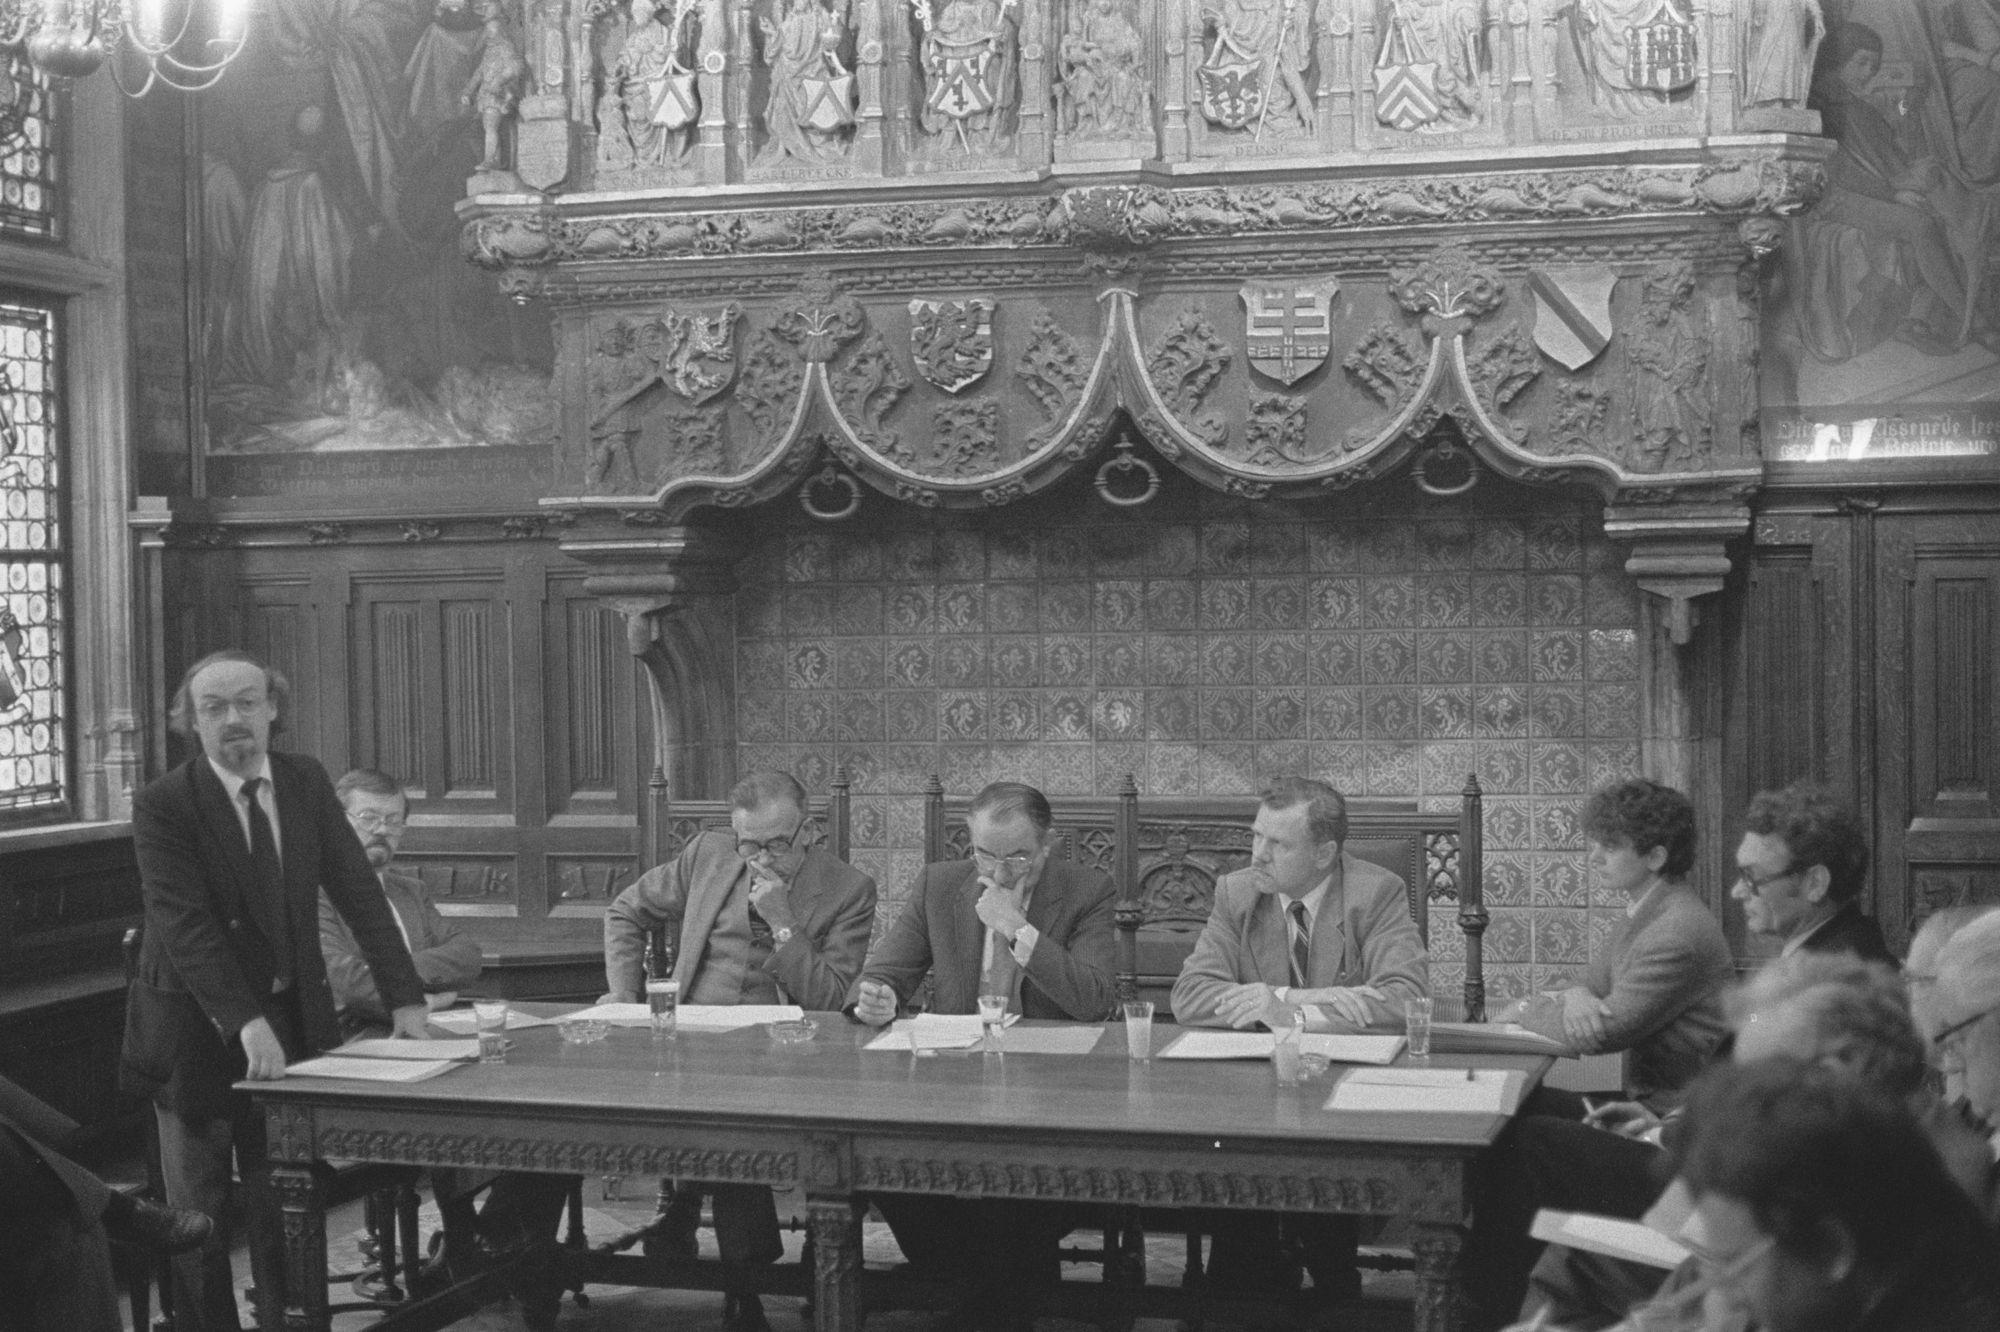 Vergadering van het inrichtend comité van de Sinksenfeesten